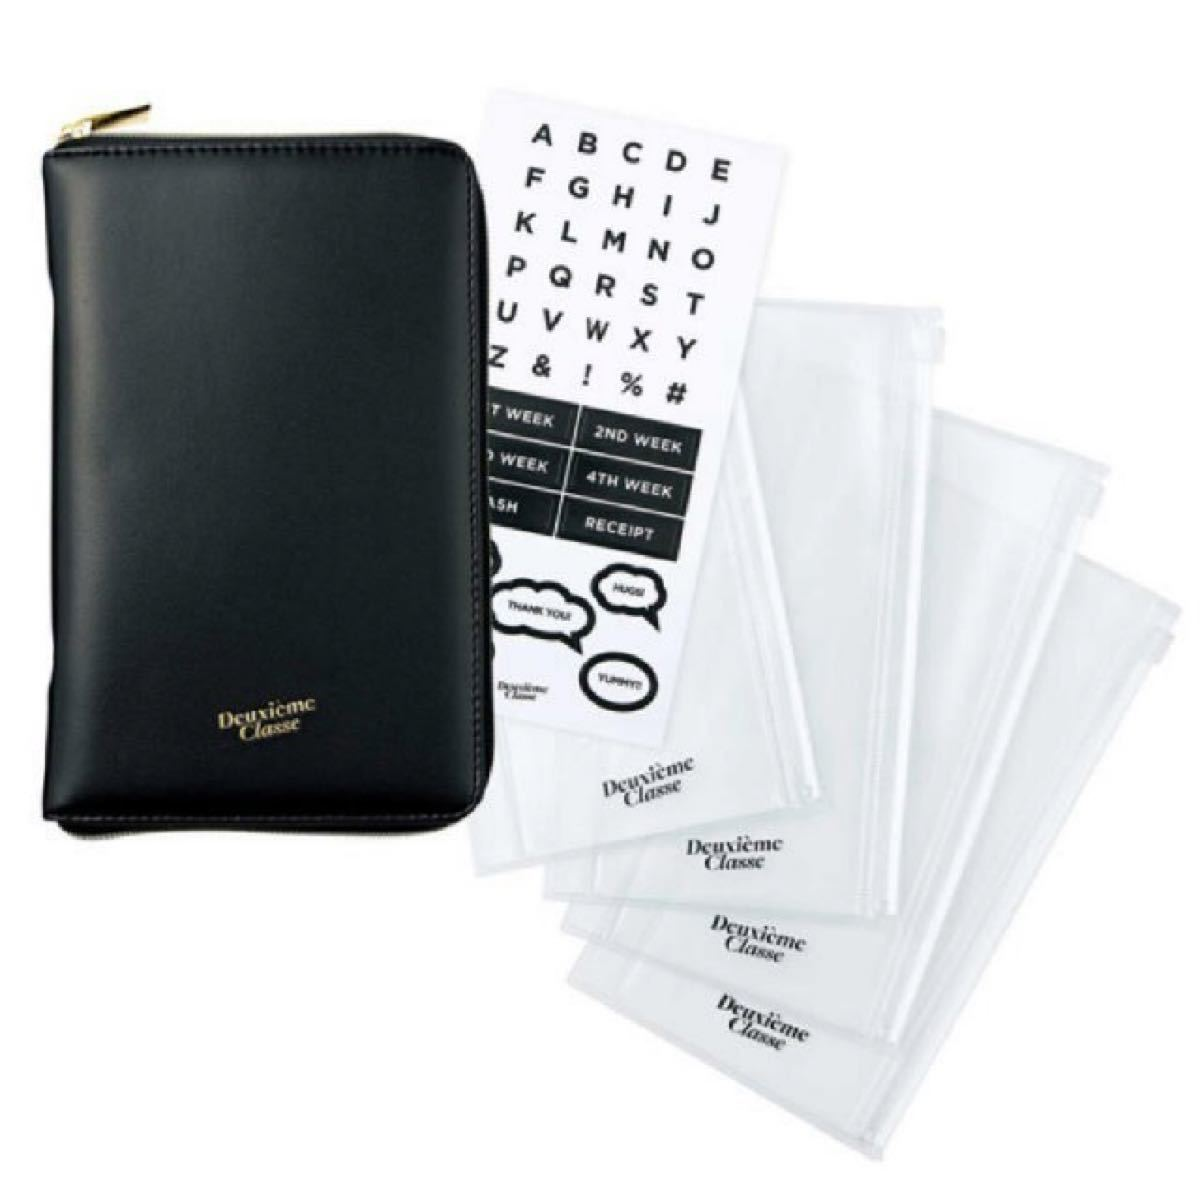 ドゥーズィエムクラス  おしゃれ過ぎる 家計管理ポーチセット  マルチケース 通帳ケース カードケース